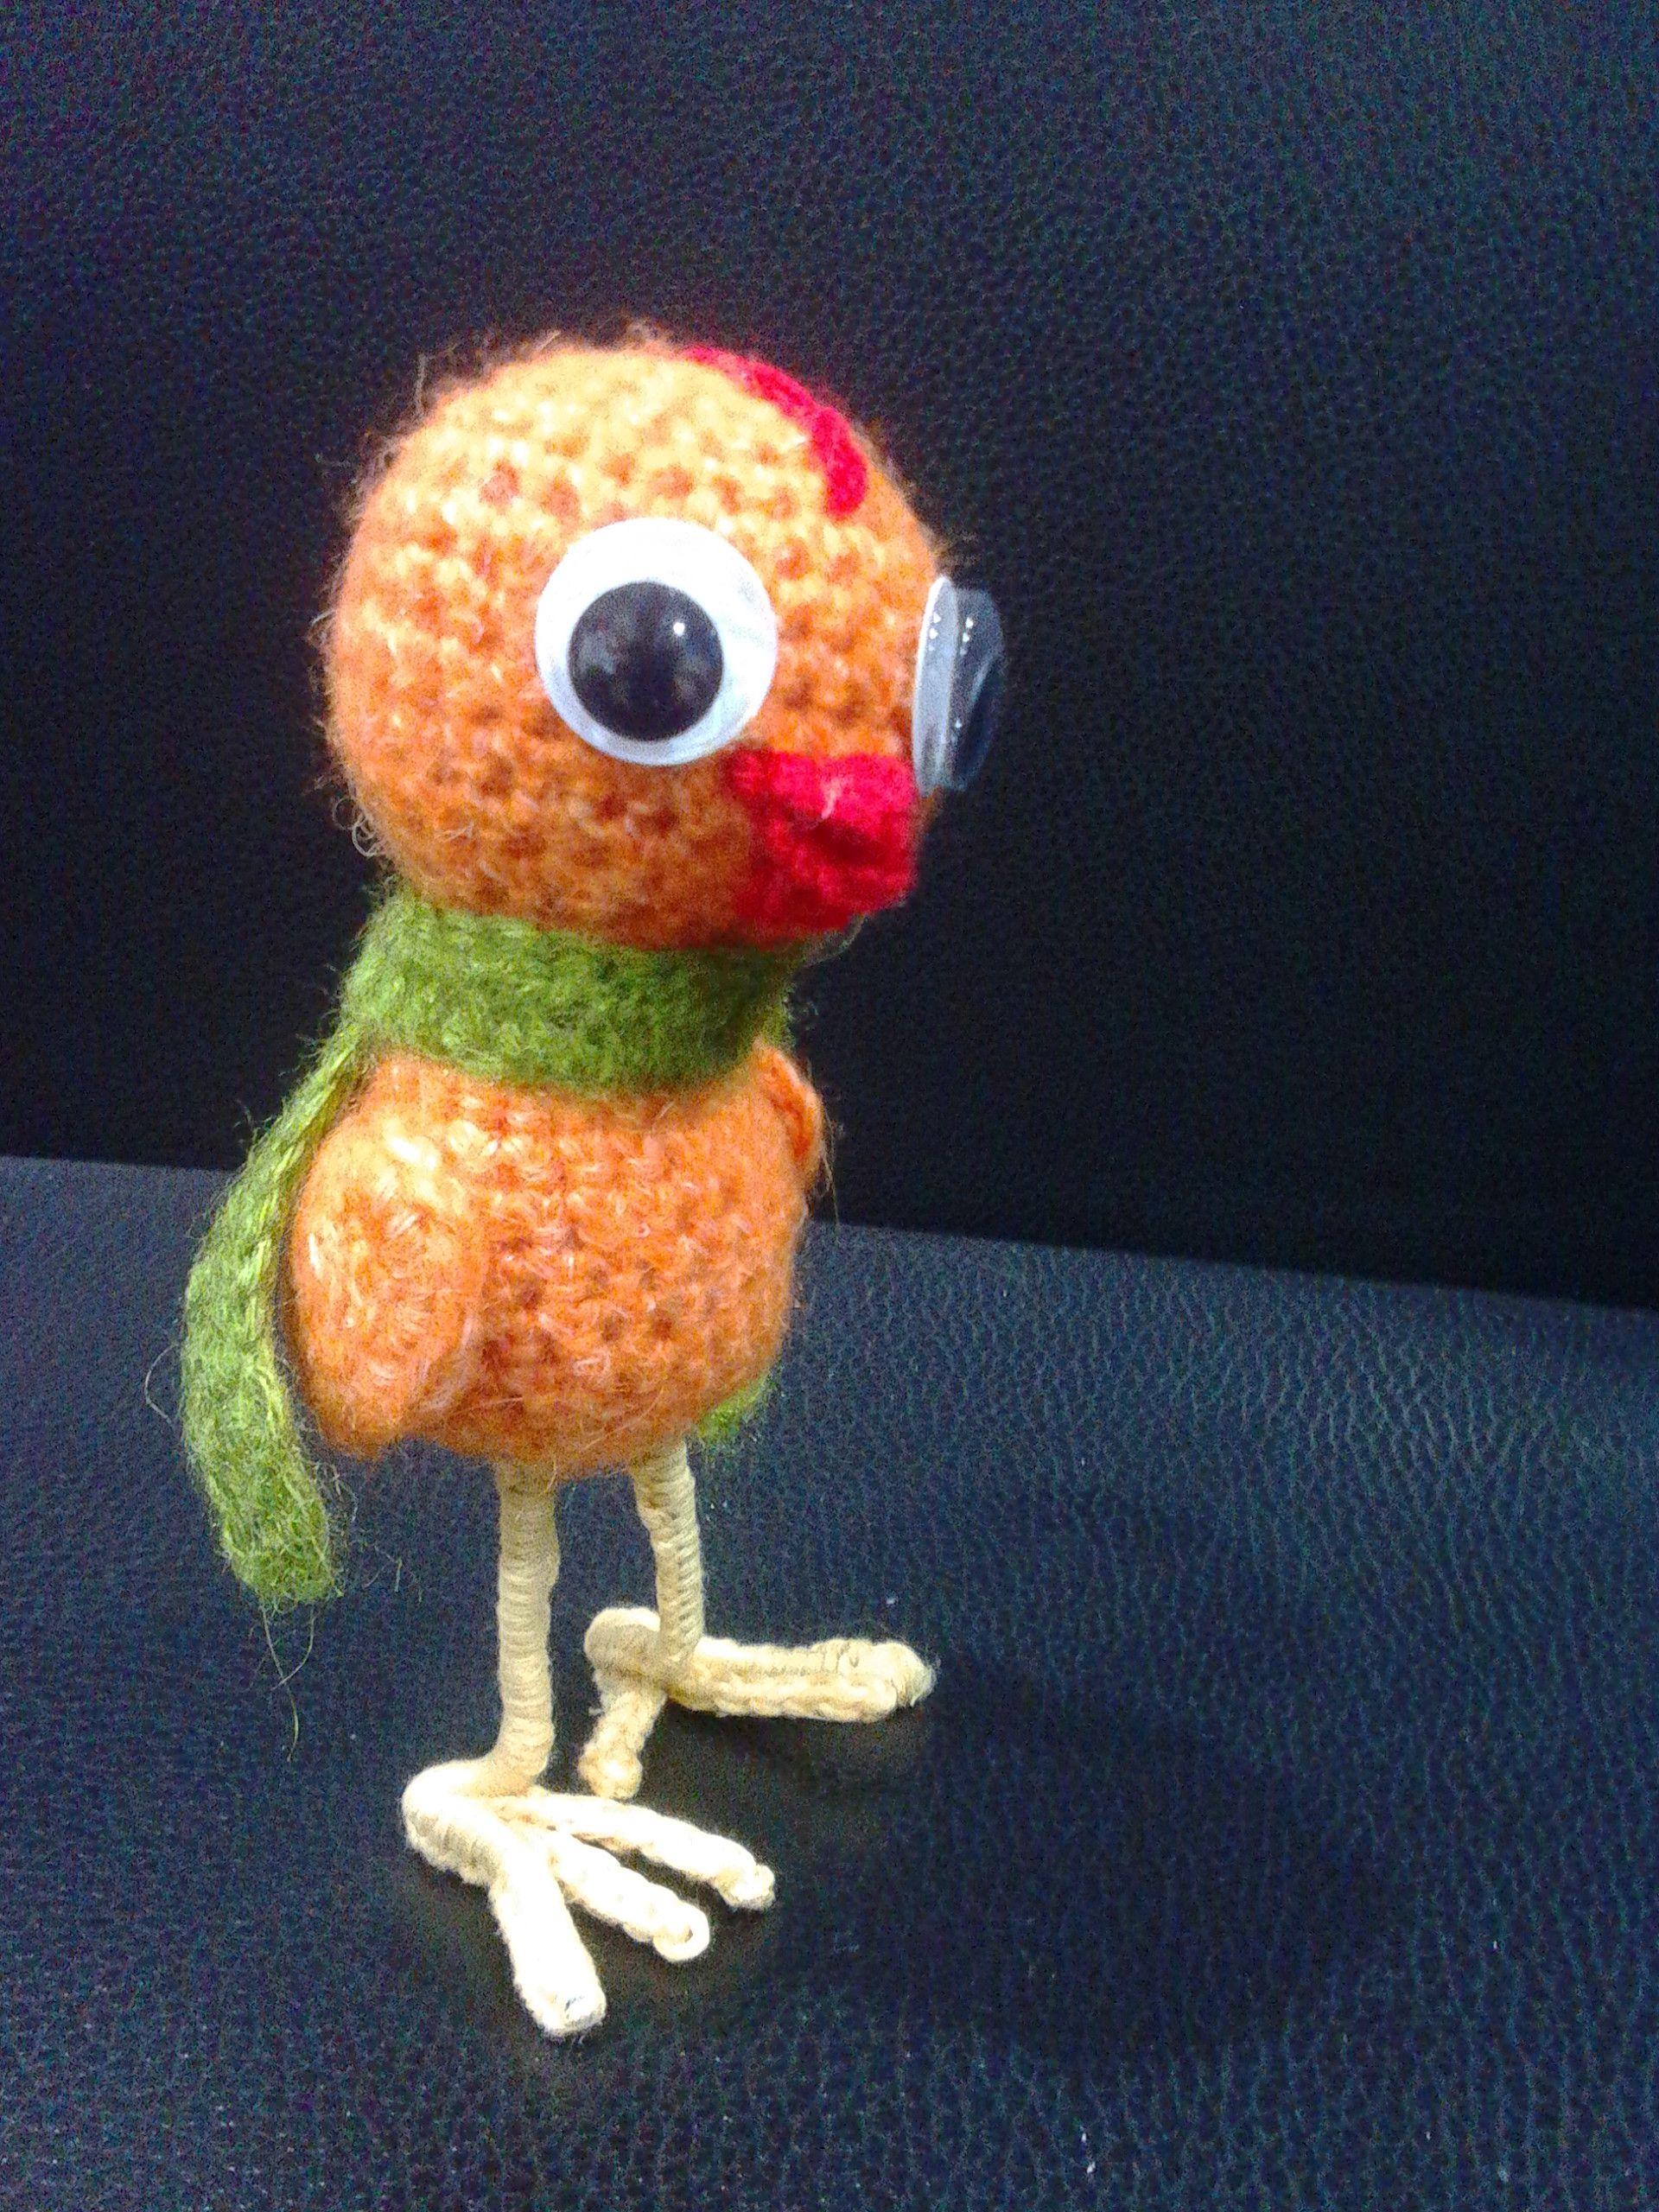 день рождения игрушка кукла ребенок праздник мультики подарок дети